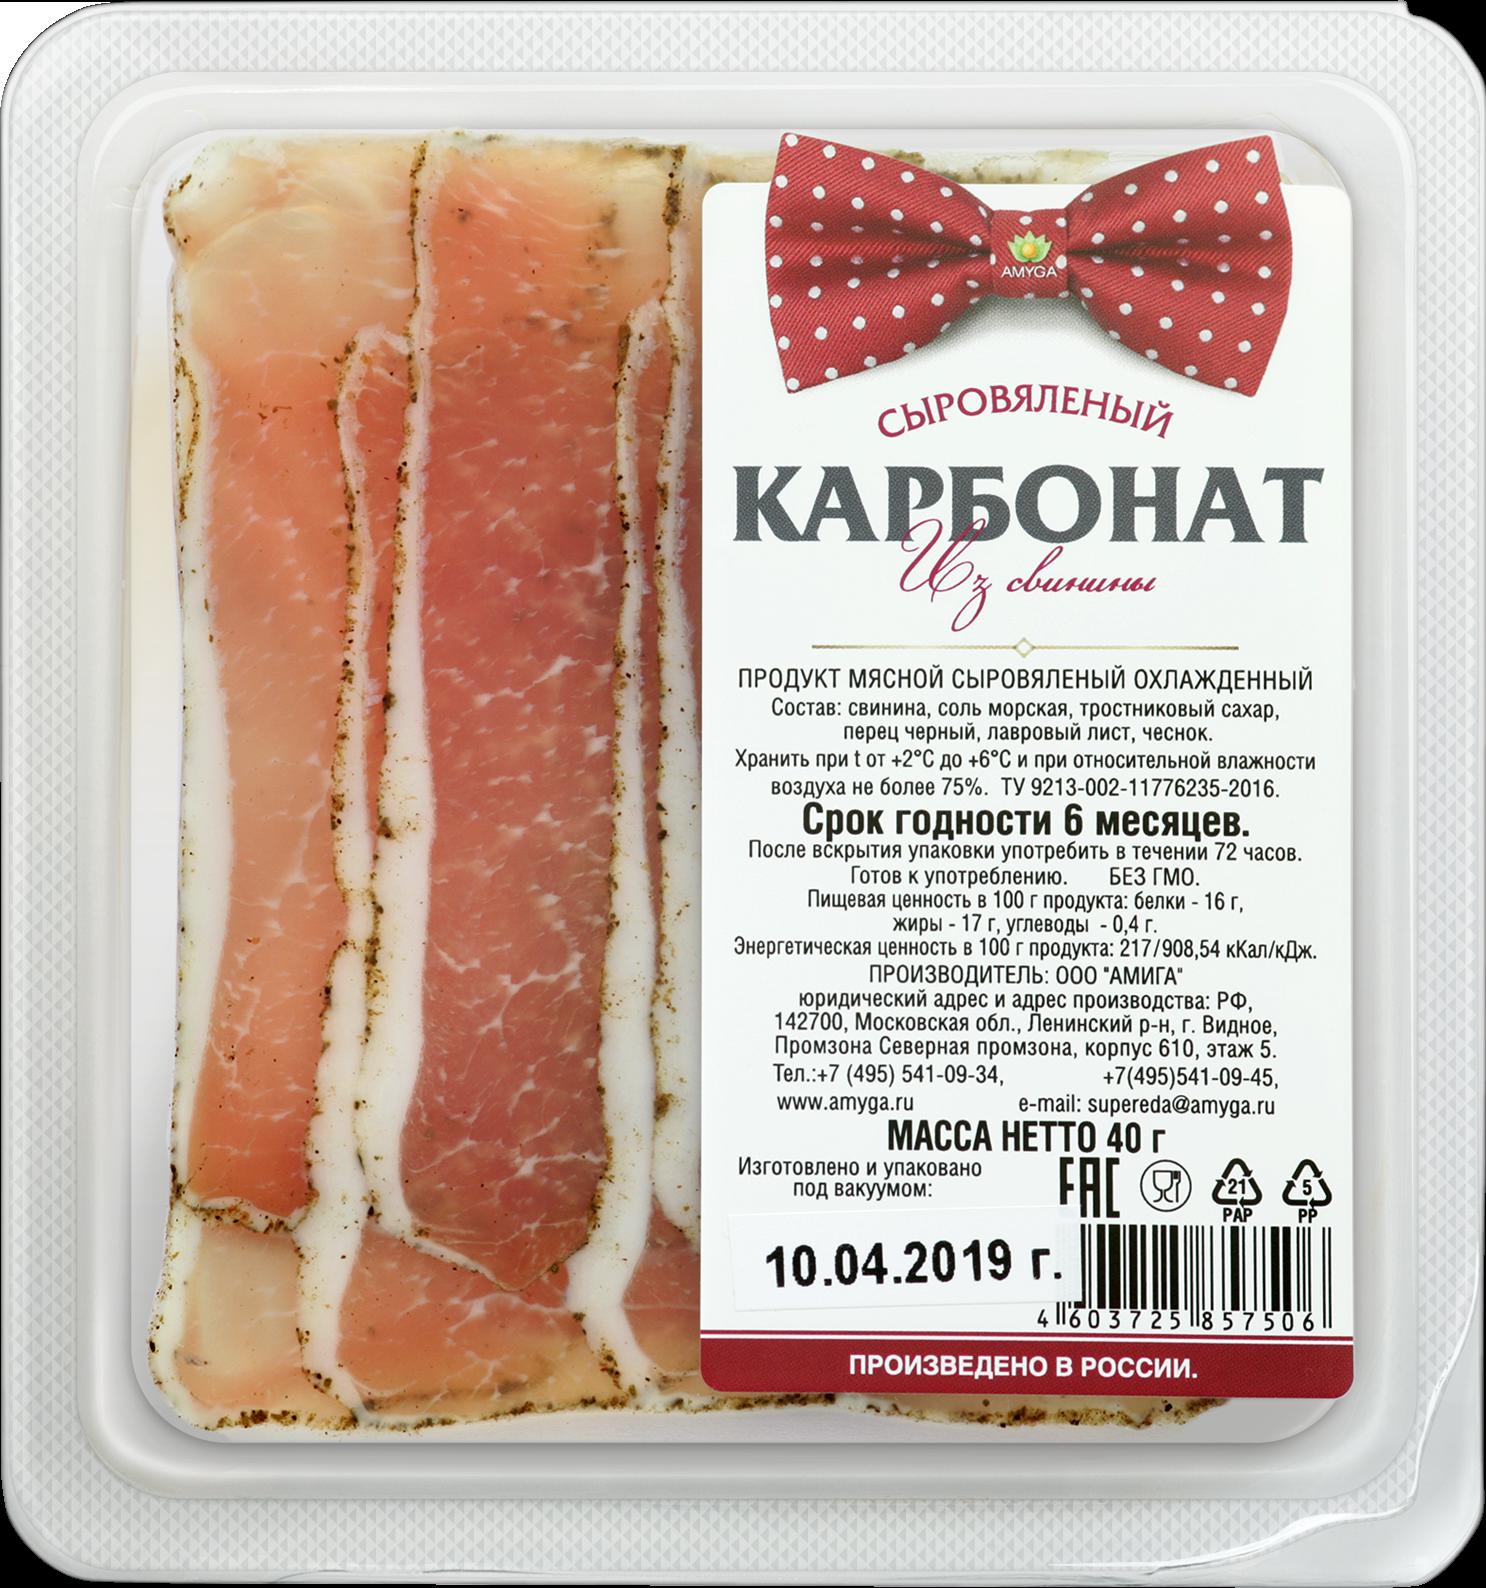 КАРБОНАТ сыровяленый из свинины 40г